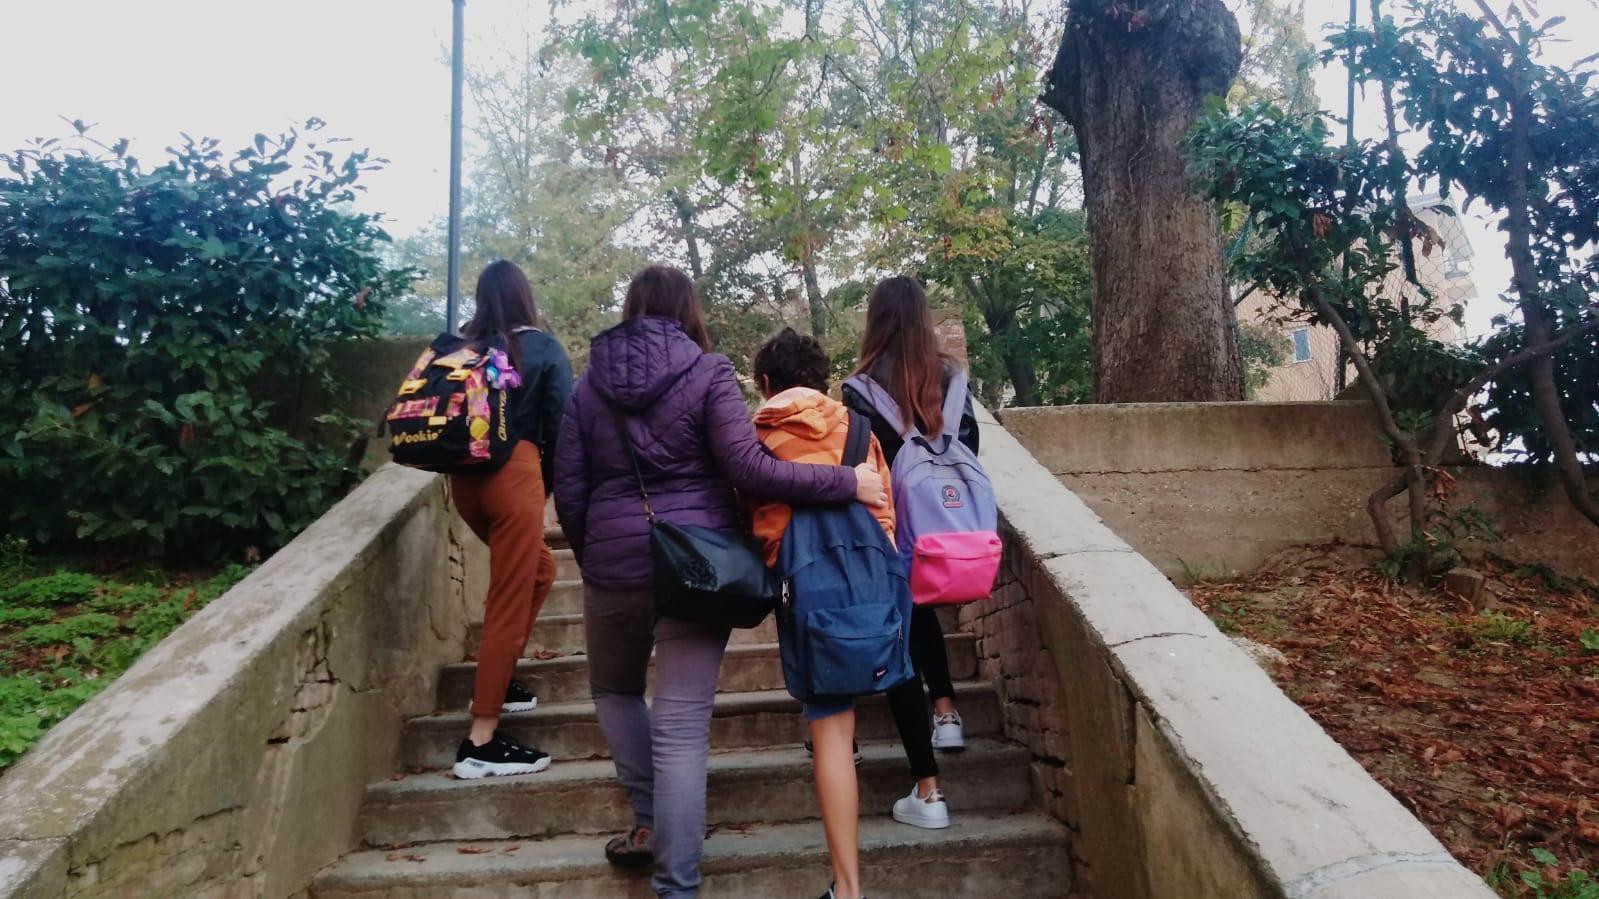 A Scuola - Casa Base Chieri